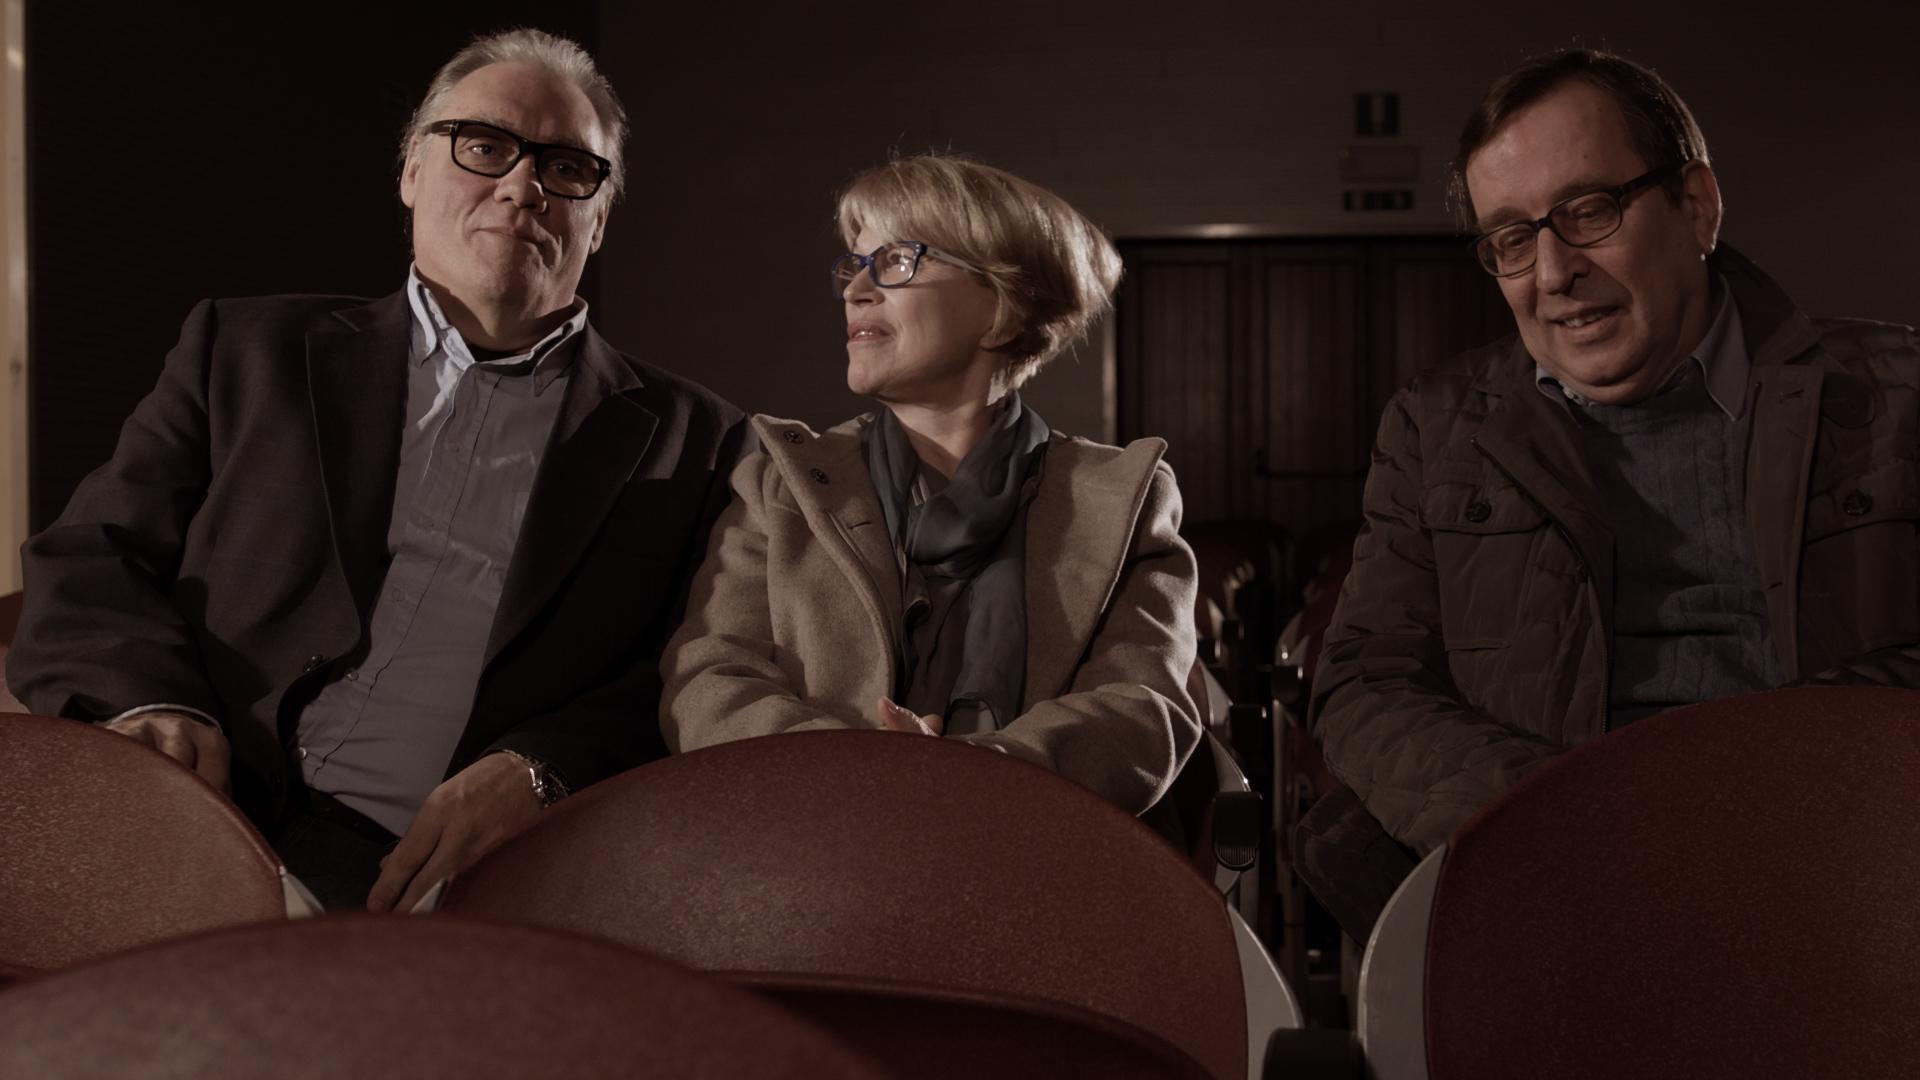 Z leve: Boris Kobal, Bogomila Kravos, Ivan Verč (nastopajoči v filmu)